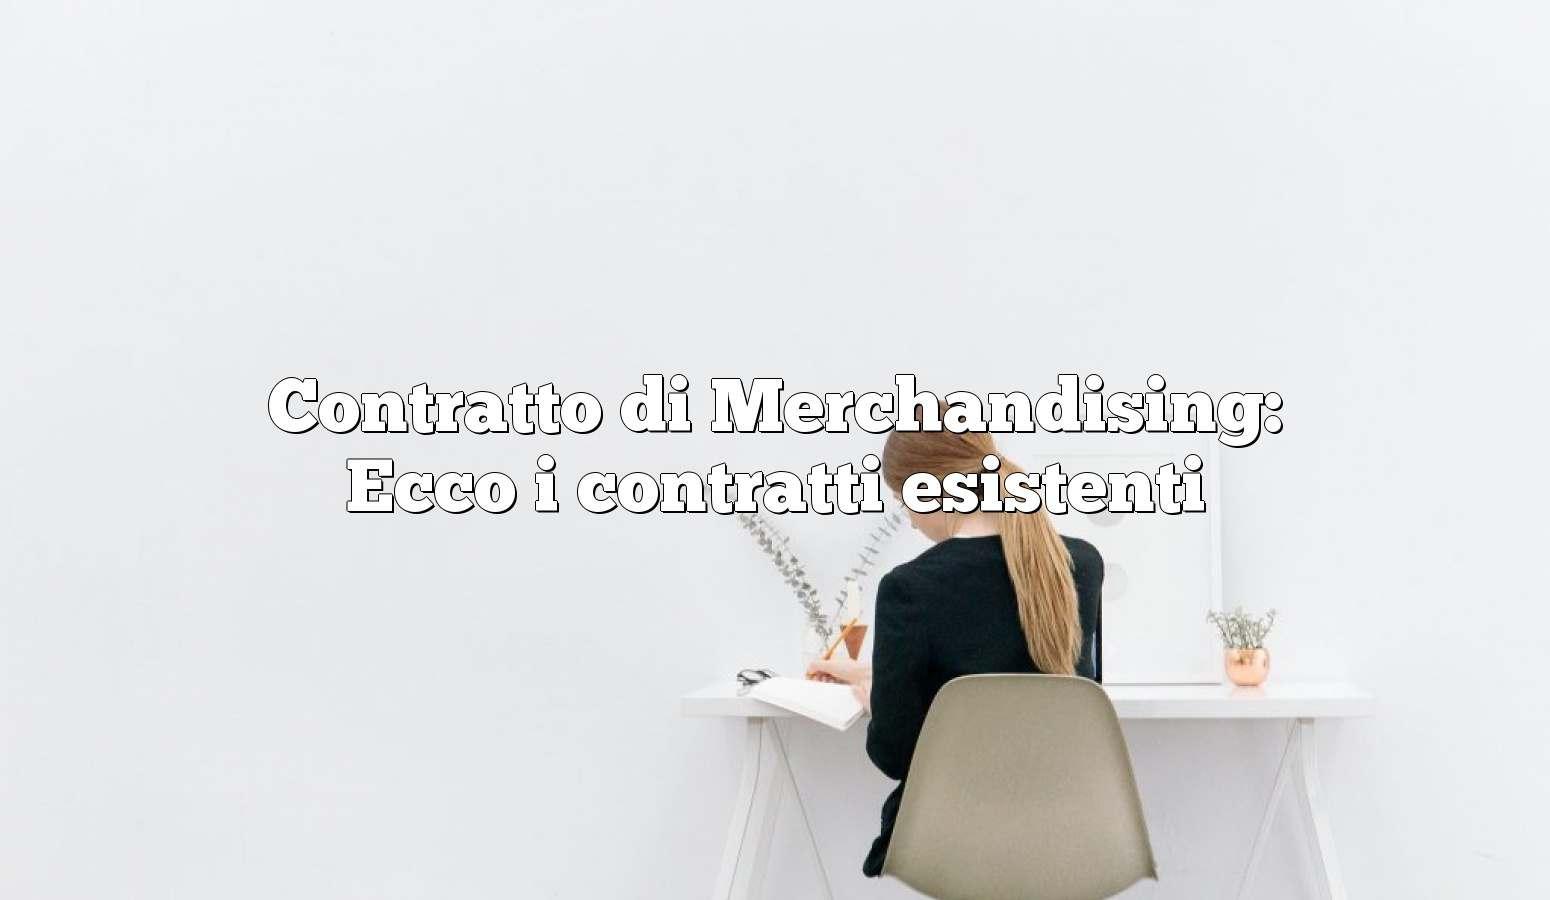 Contratto di Merchandising: Ecco i contratti esistenti